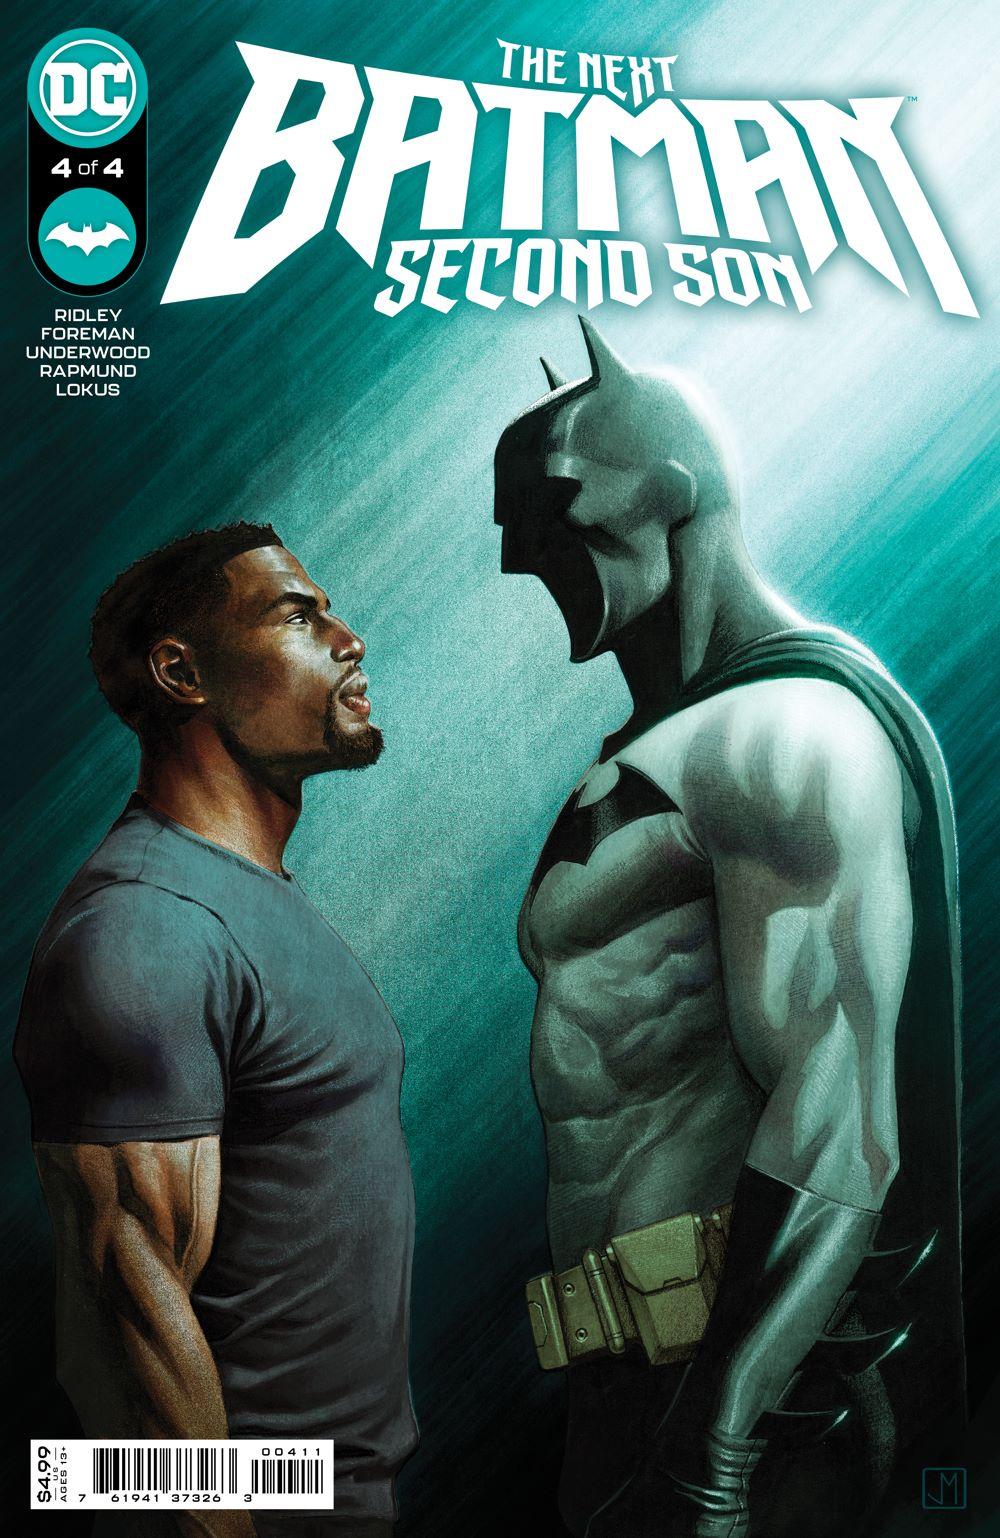 TNBSS_Cv4 DC Comics July 2021 Solicitations